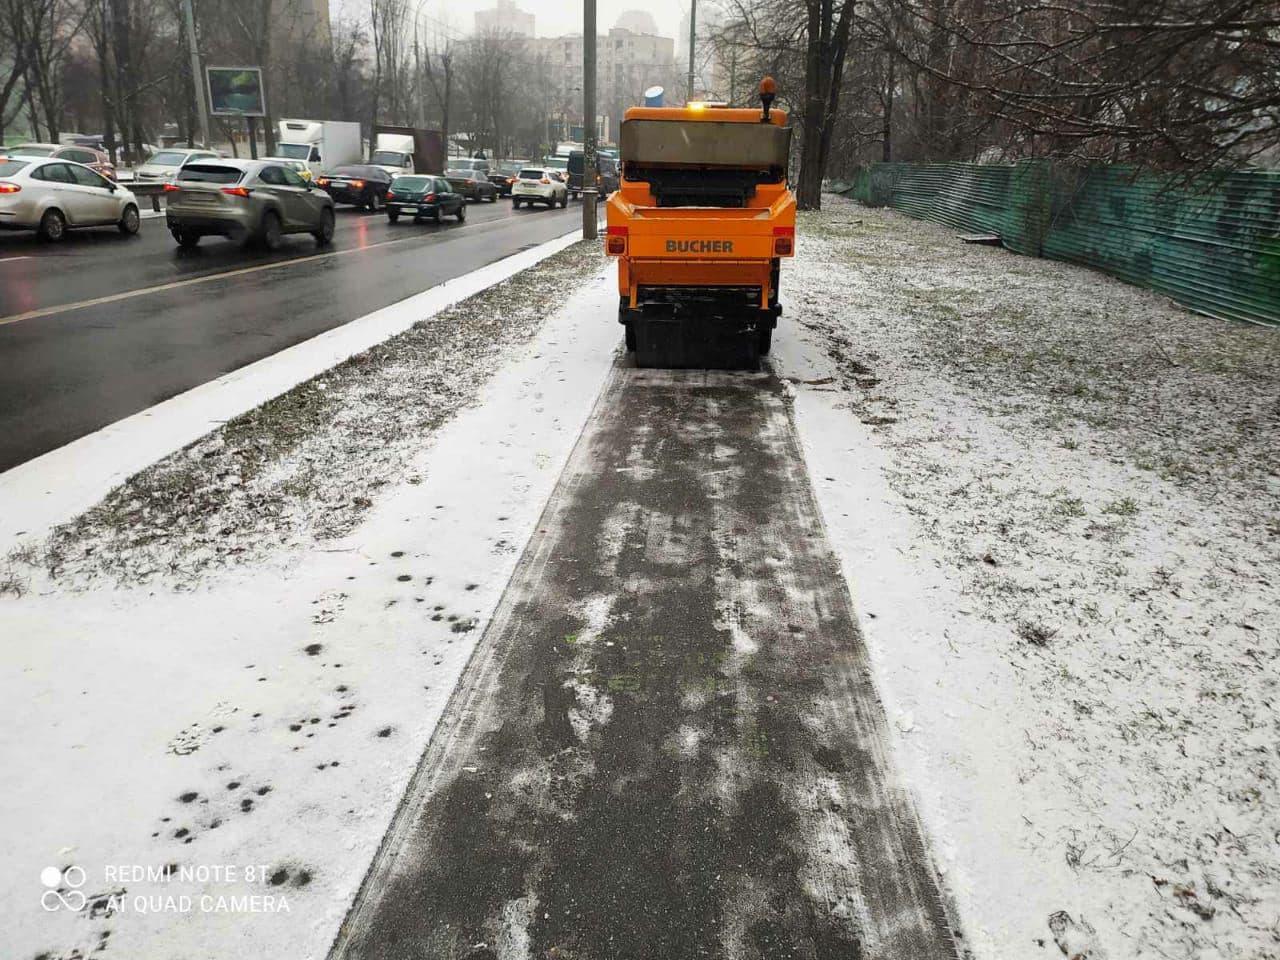 Киев засыпало снегом. На улицы пришла зимняя сказка и пробки на дорогах: фото, видео